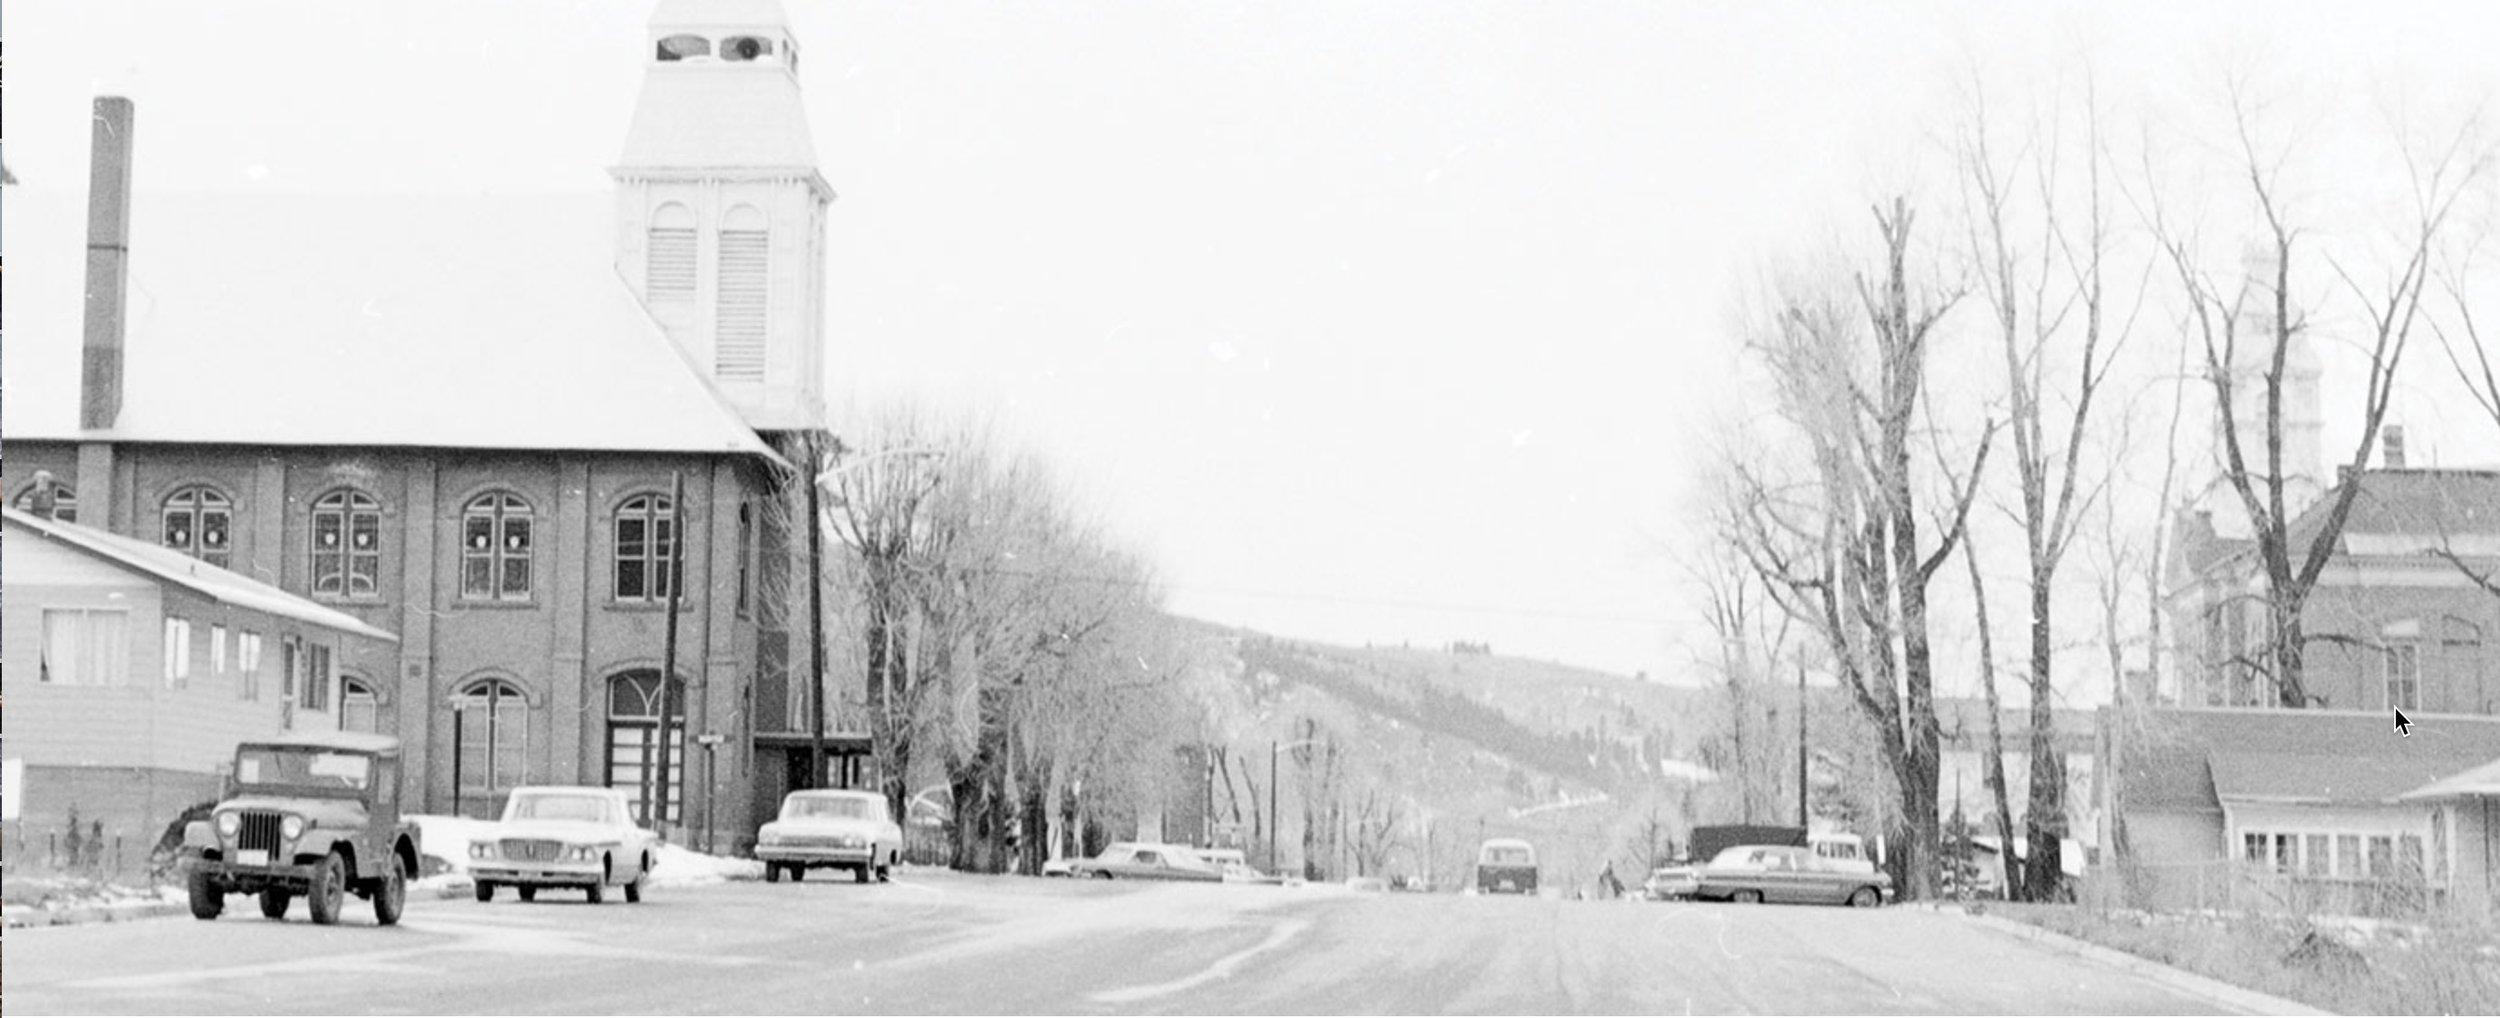 St Mary's Church, Aspen CO